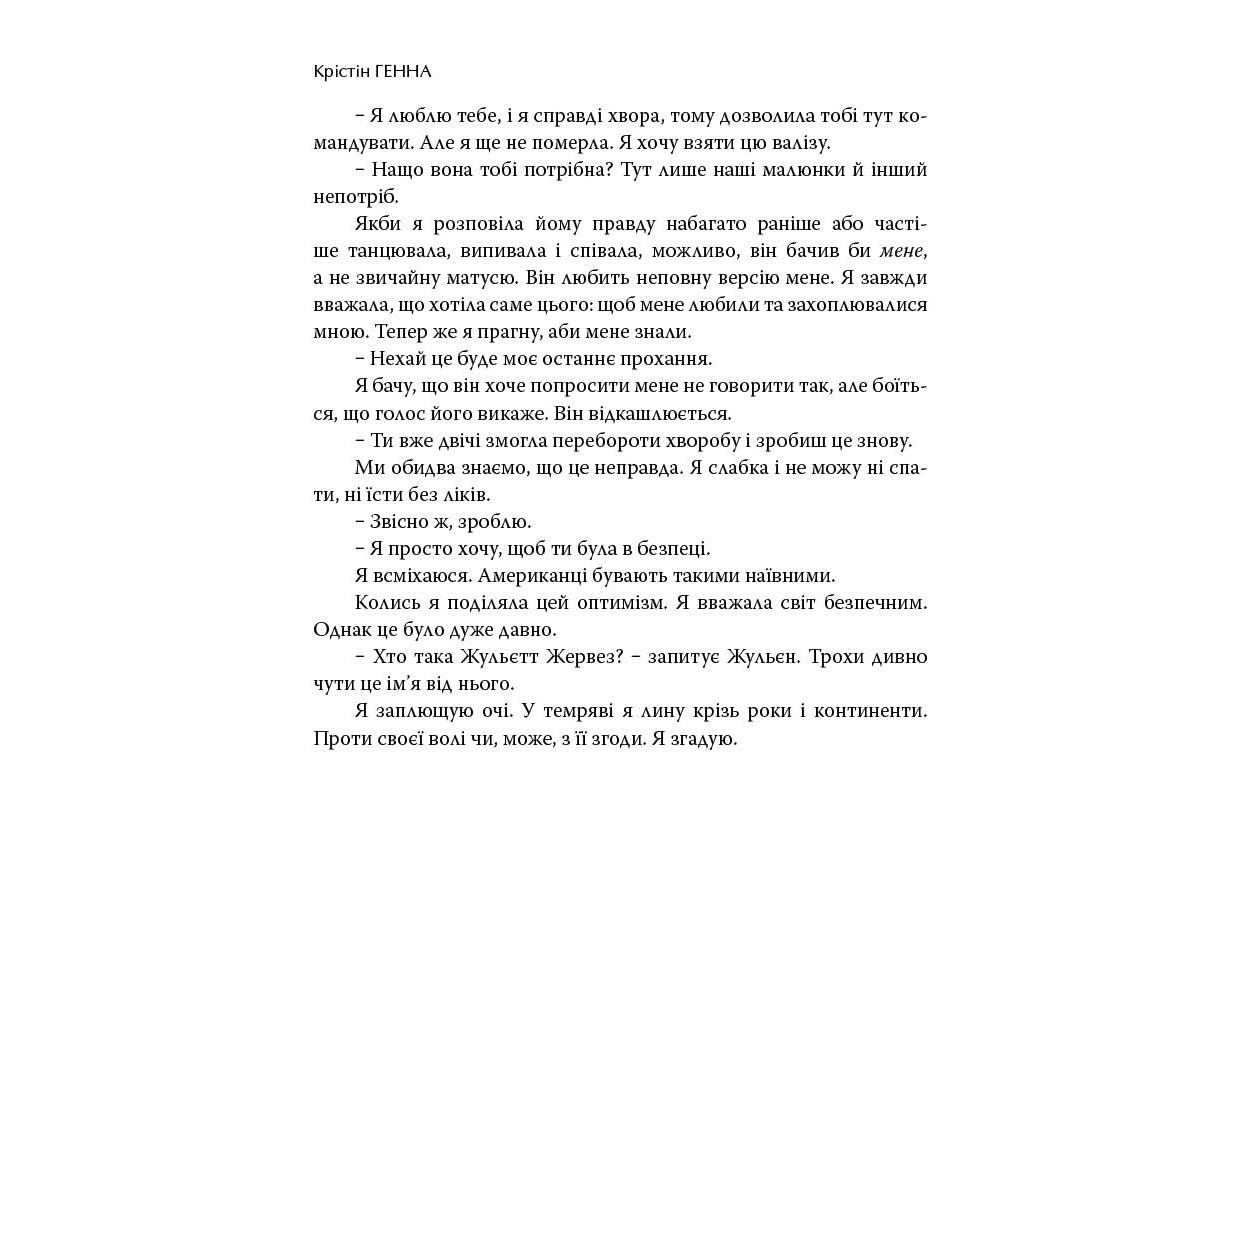 5 Книга Соловей, Крістін Генна | Bukio